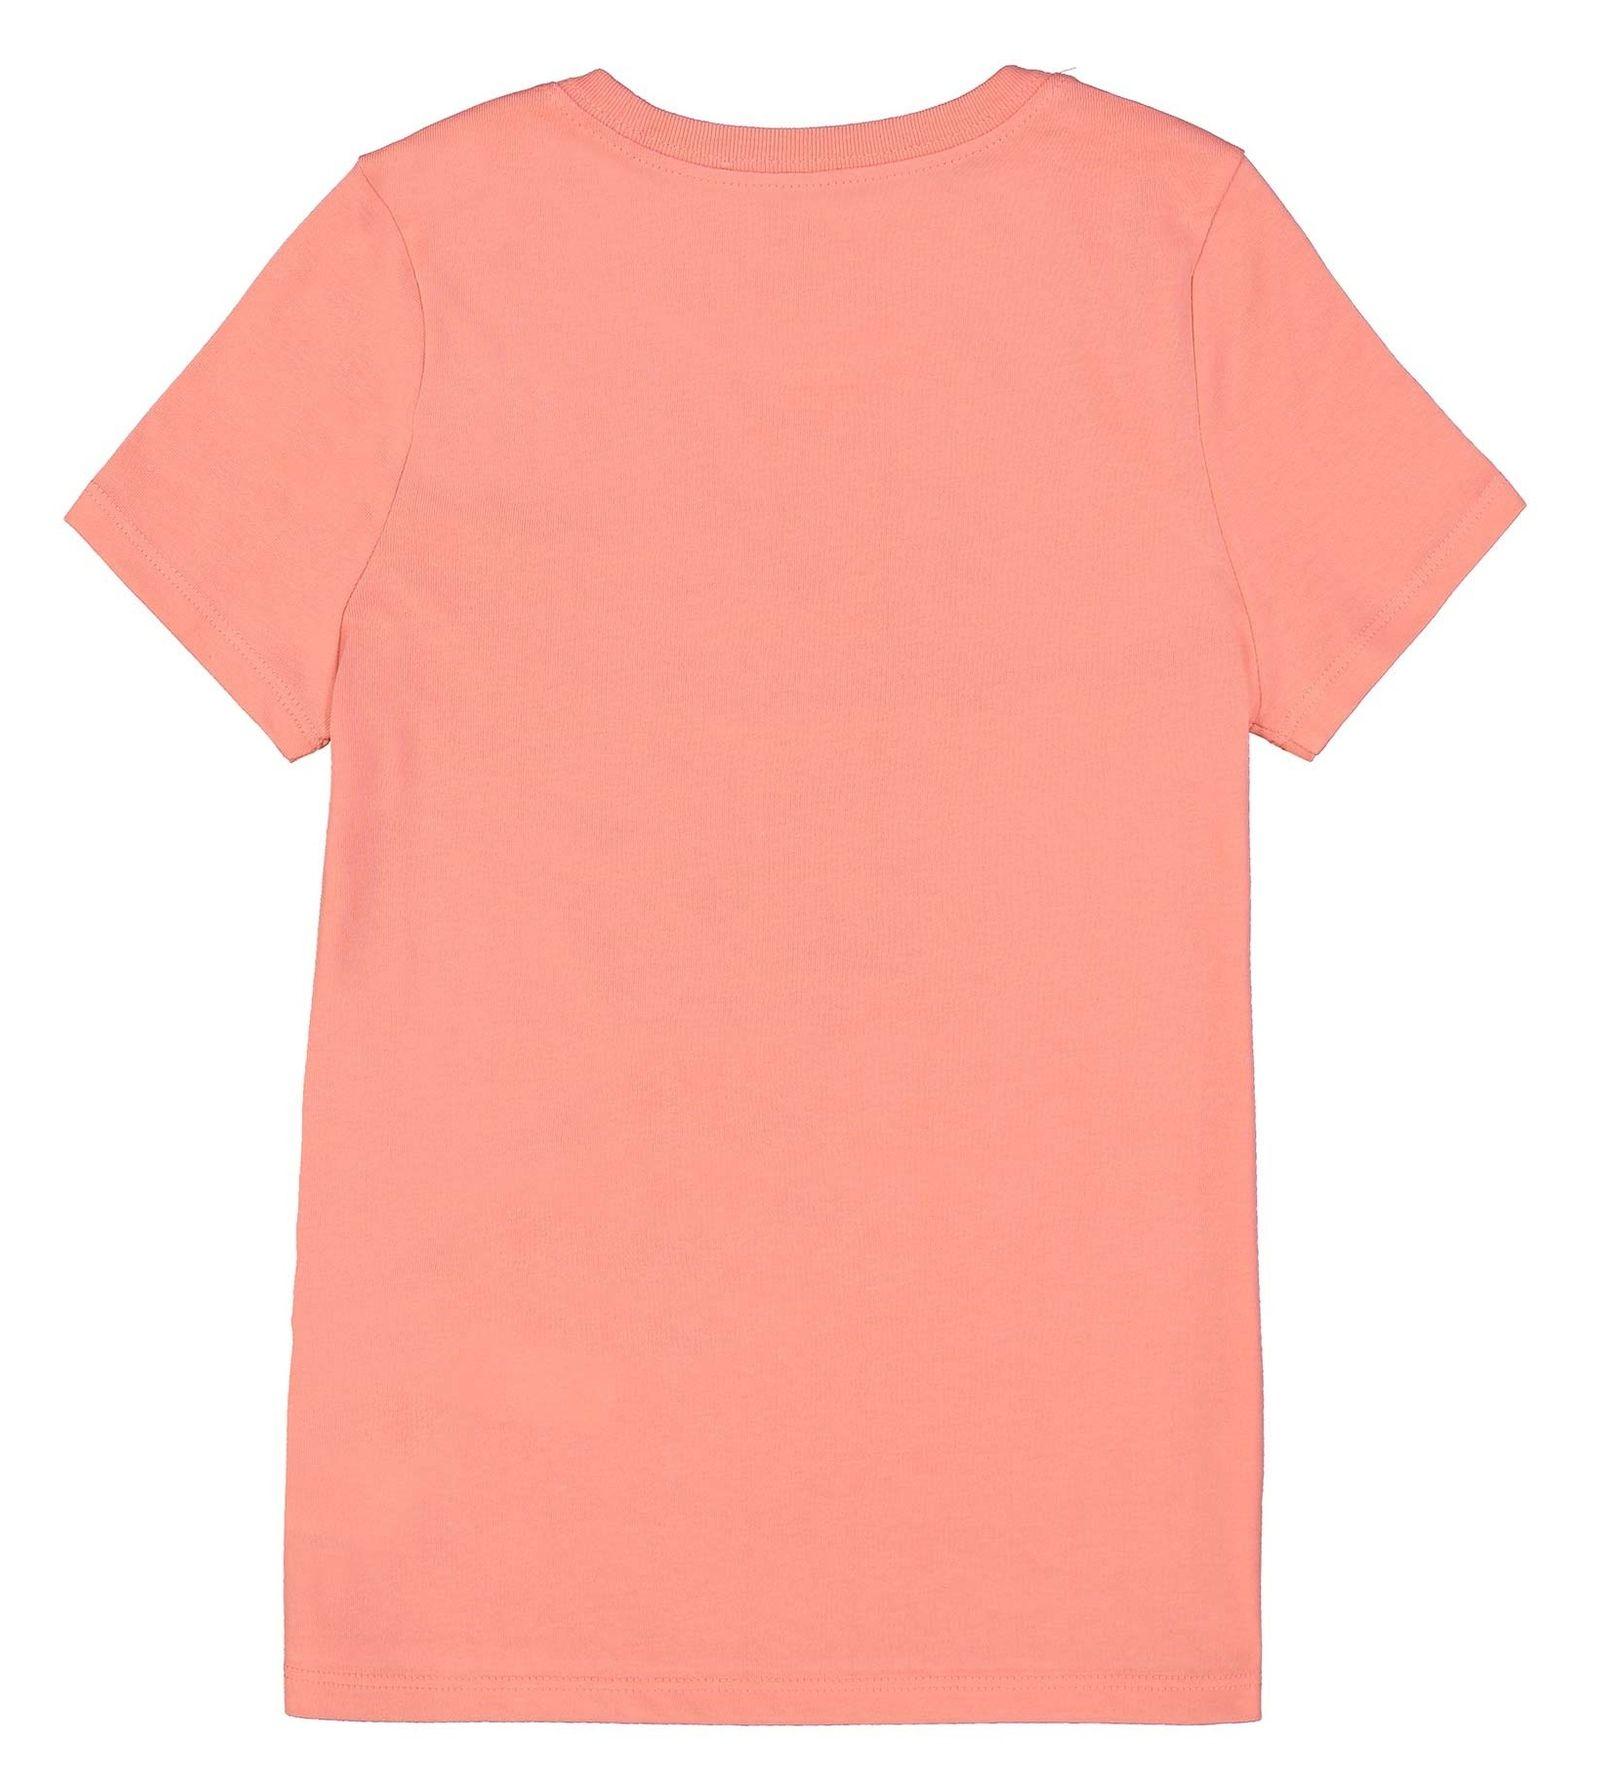 تی شرت ورزشی نخی بچگانه - نایکی - صورتي  - 3